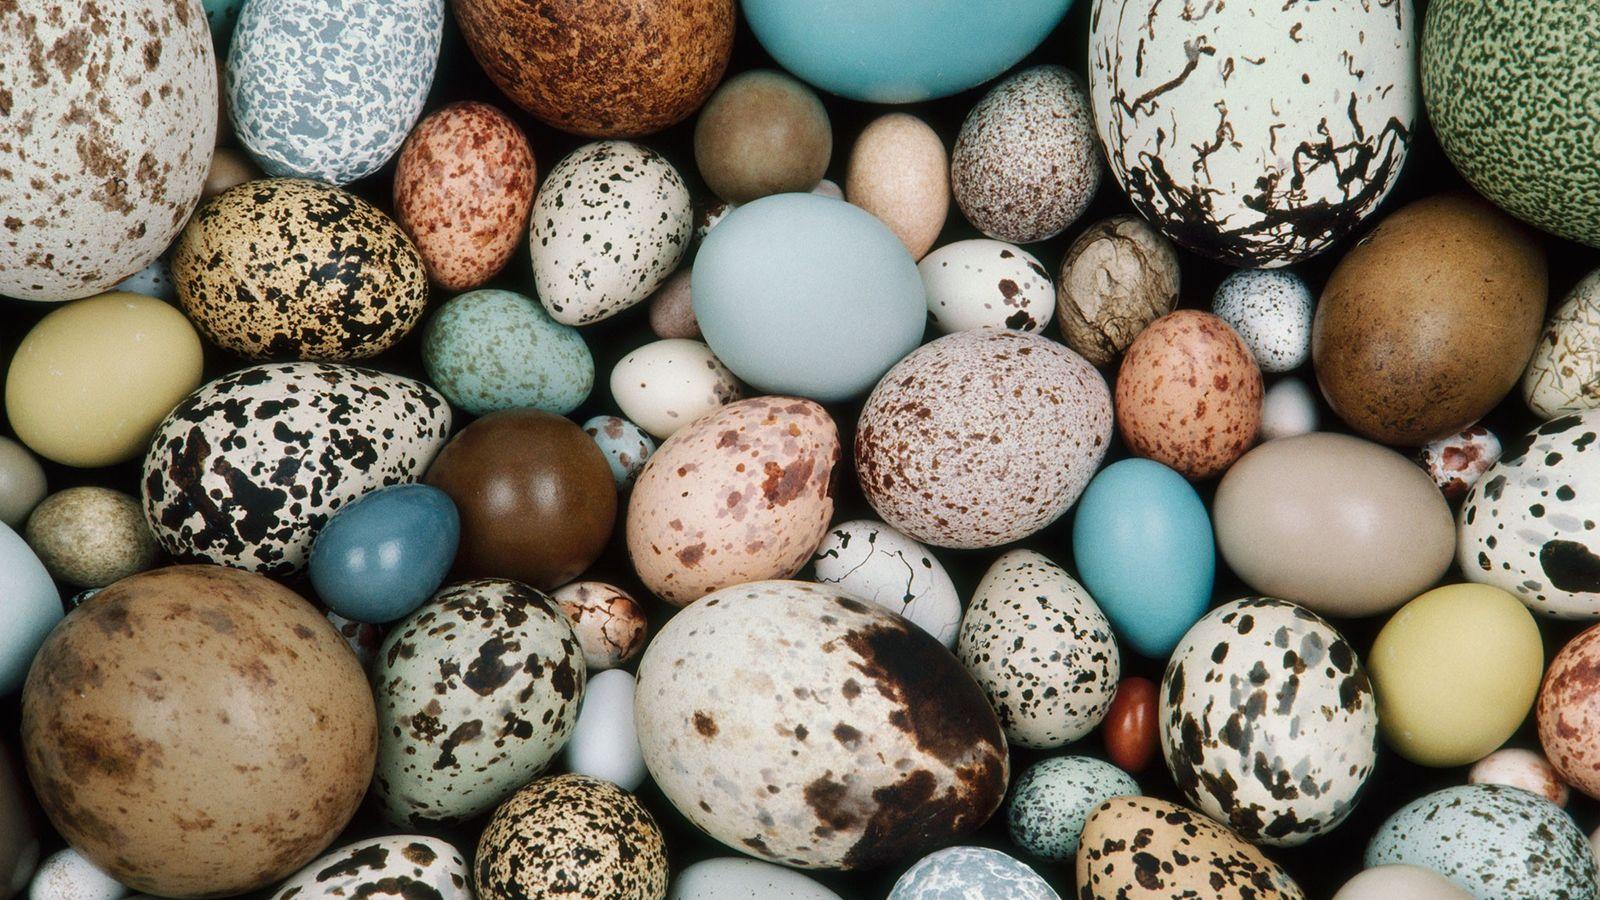 Ovos de aves modernas possuem uma grande variedade de tons, como essas amostras do acervo da ...